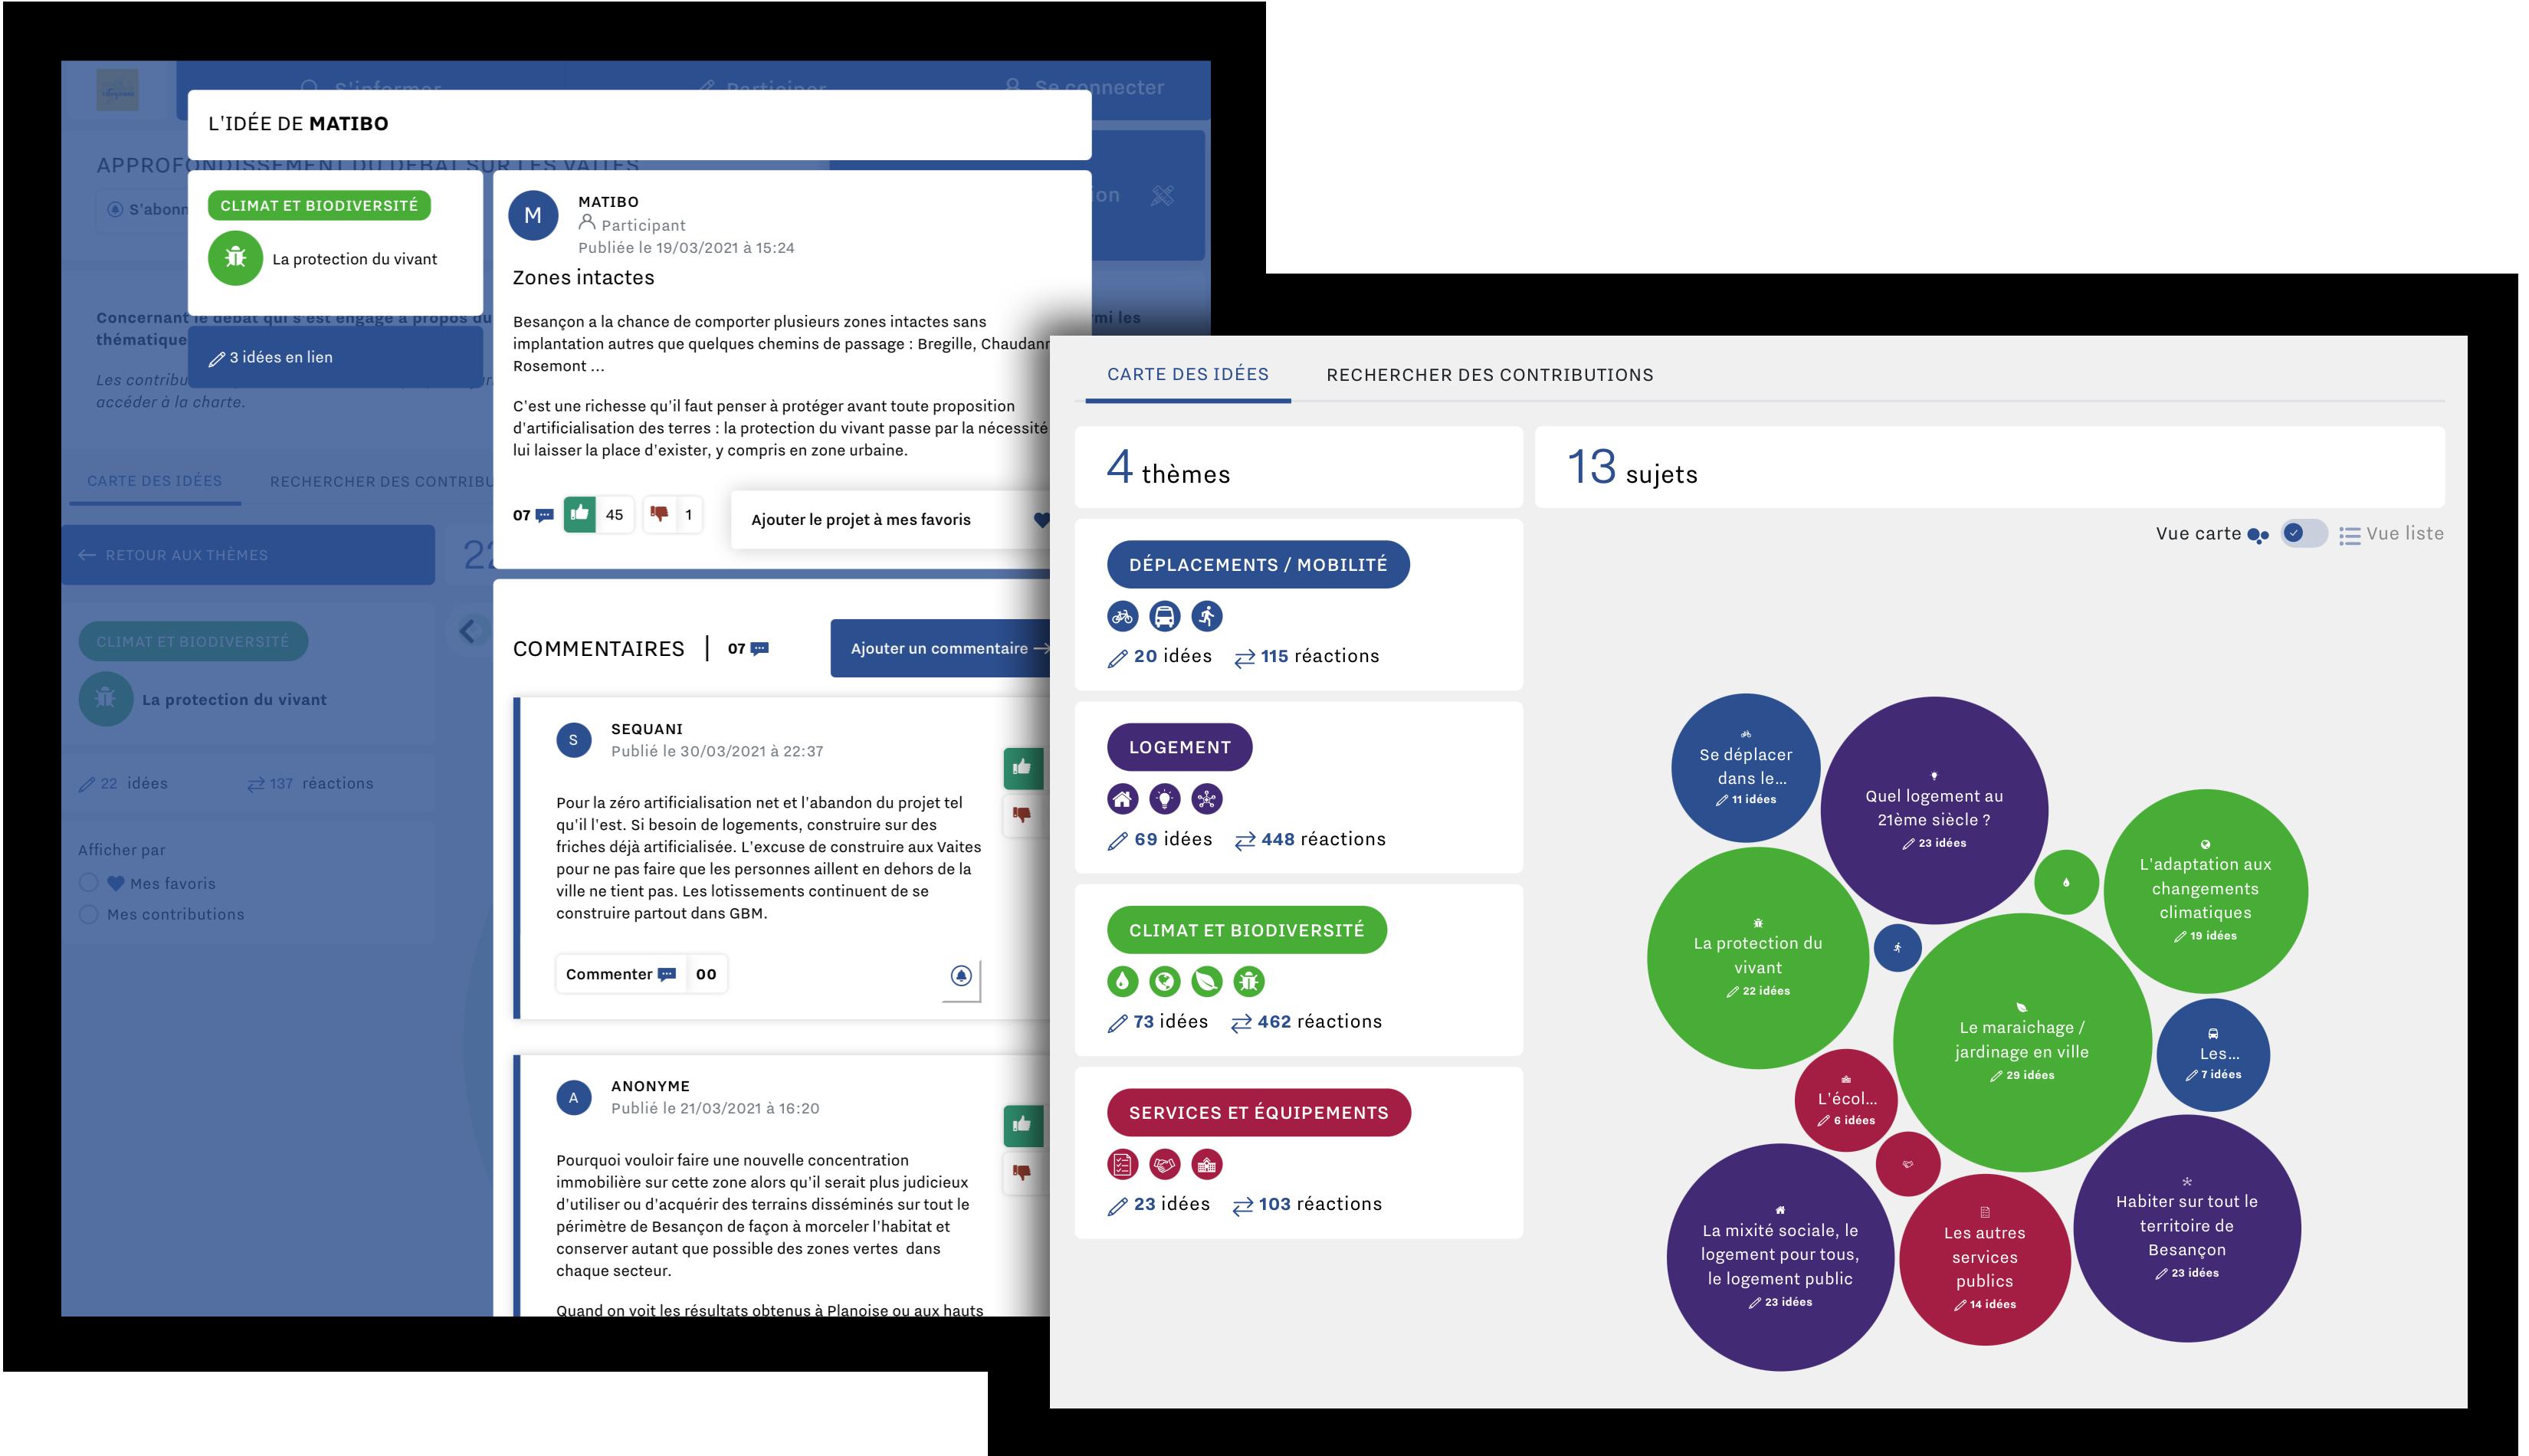 Outil de consultation numérique graphique - idéation visuelle